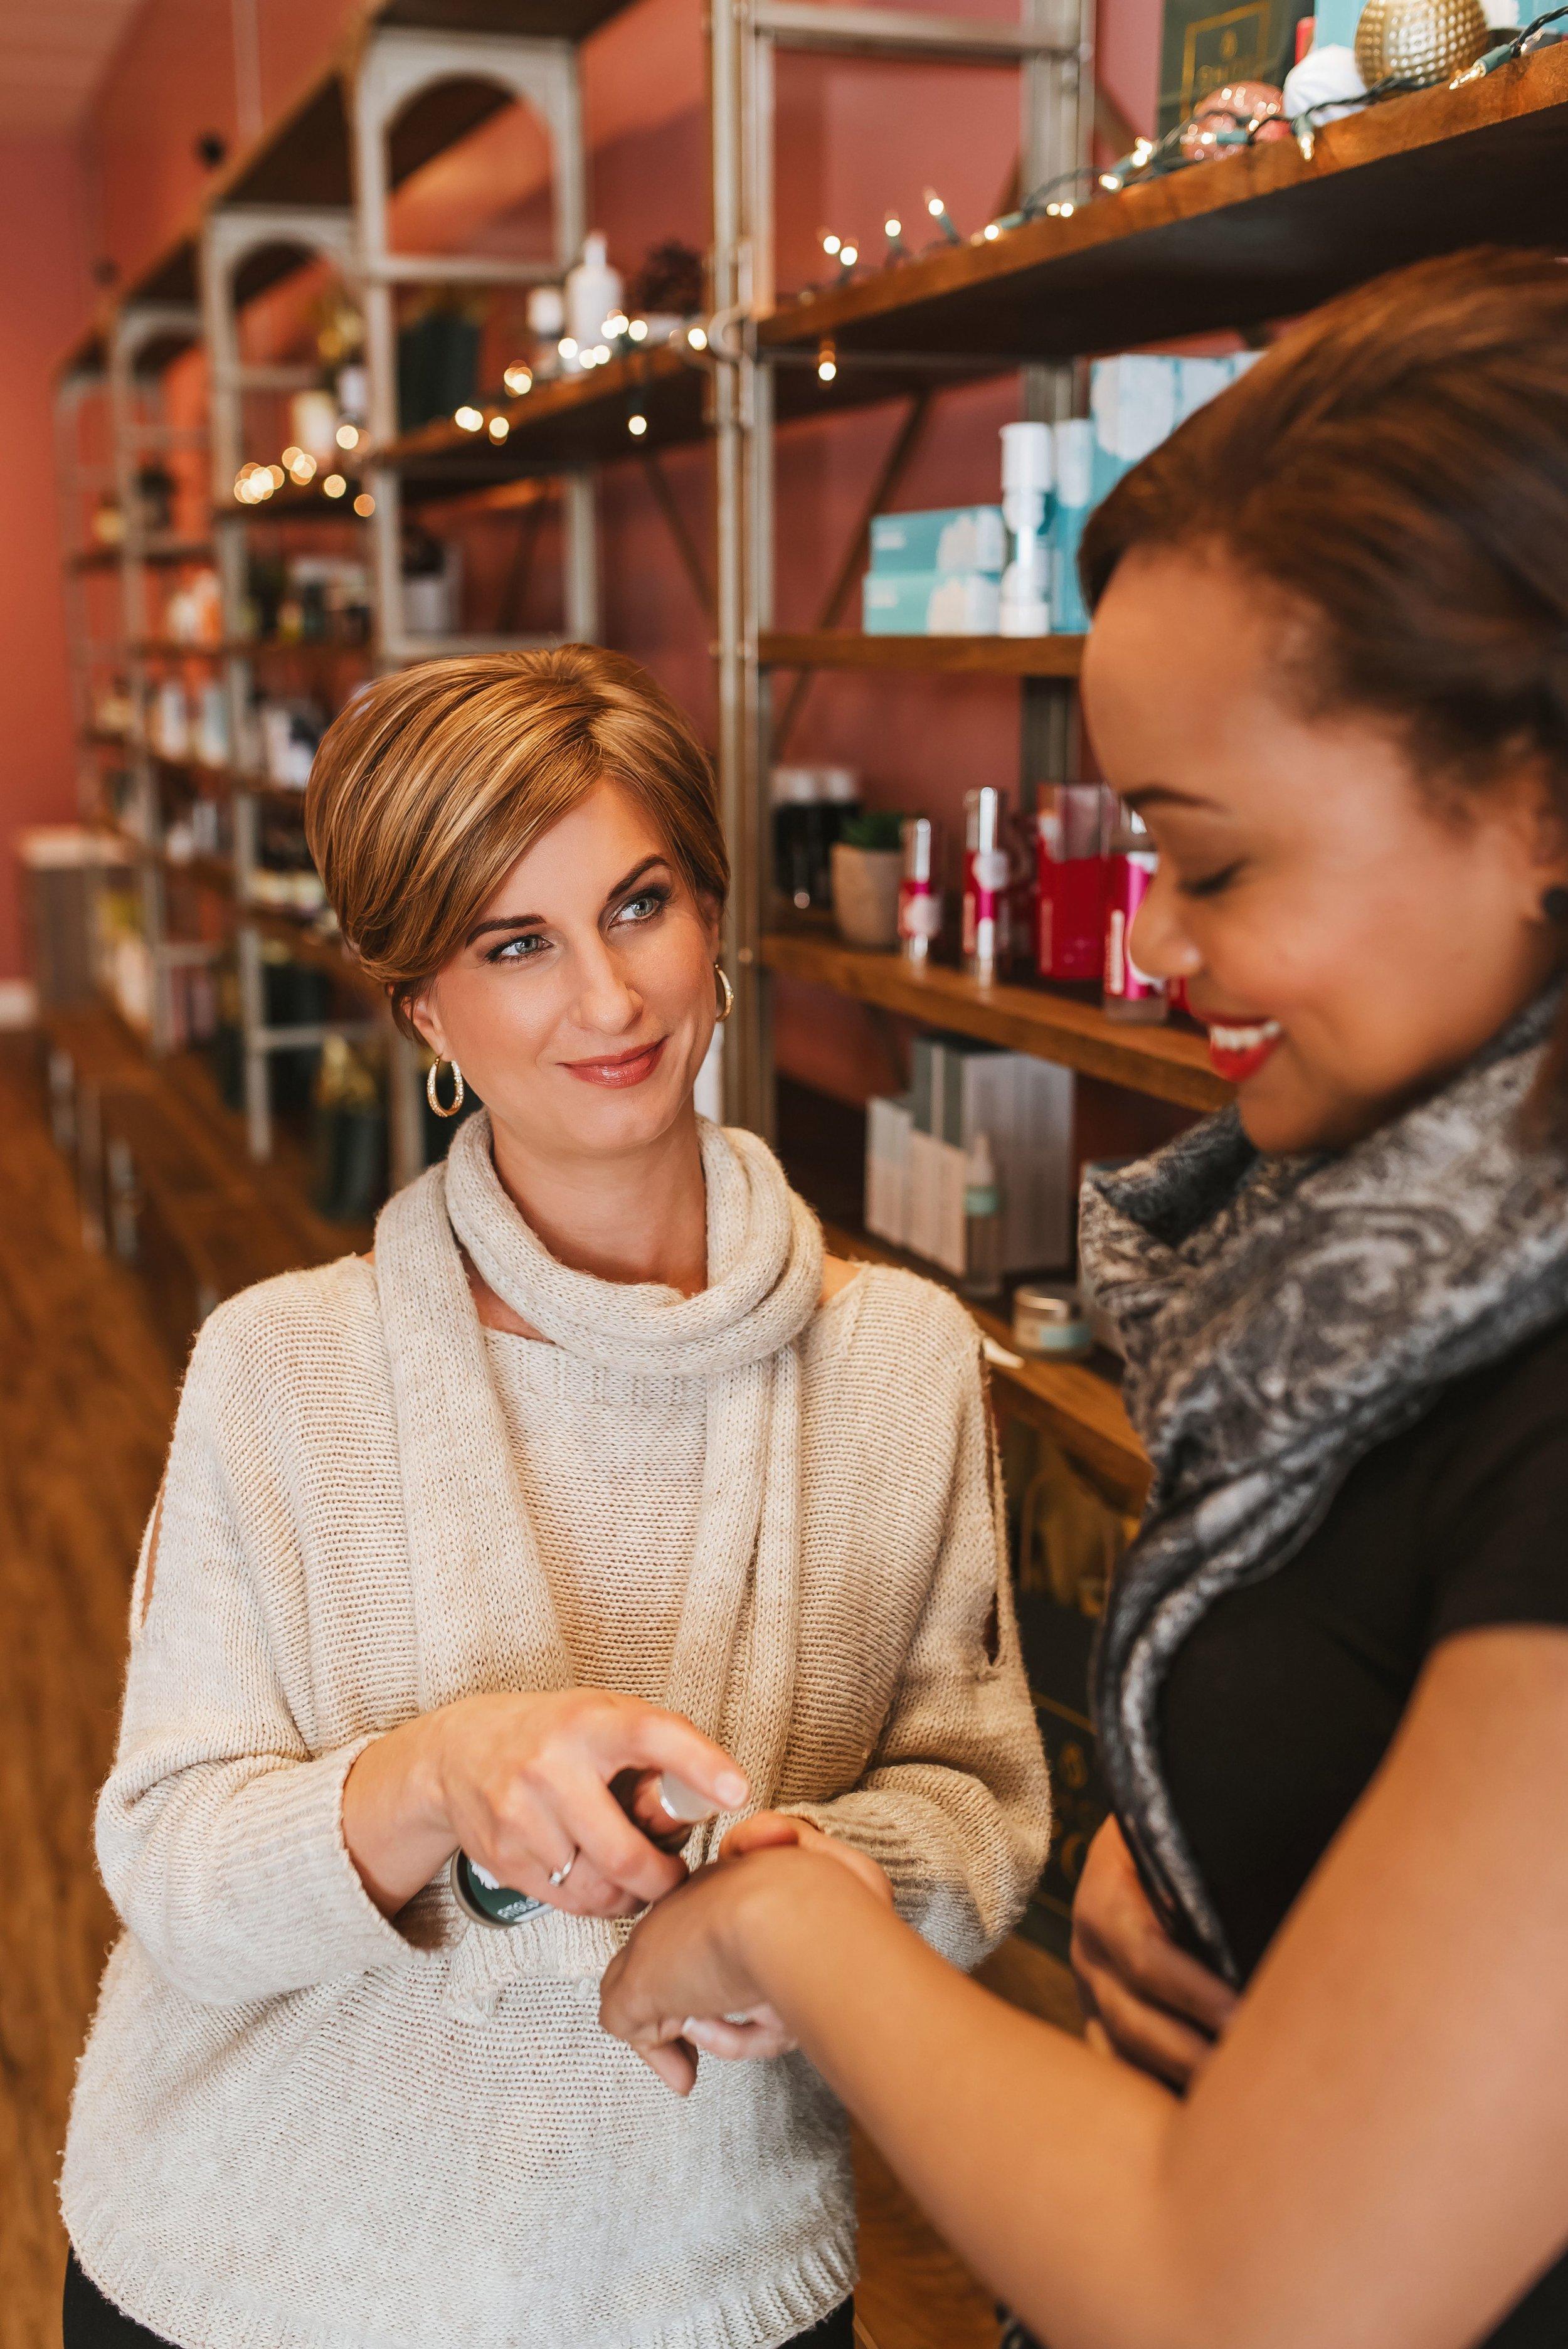 ShopEco November 2018 - www.livelycreativeco.com - 26.jpg